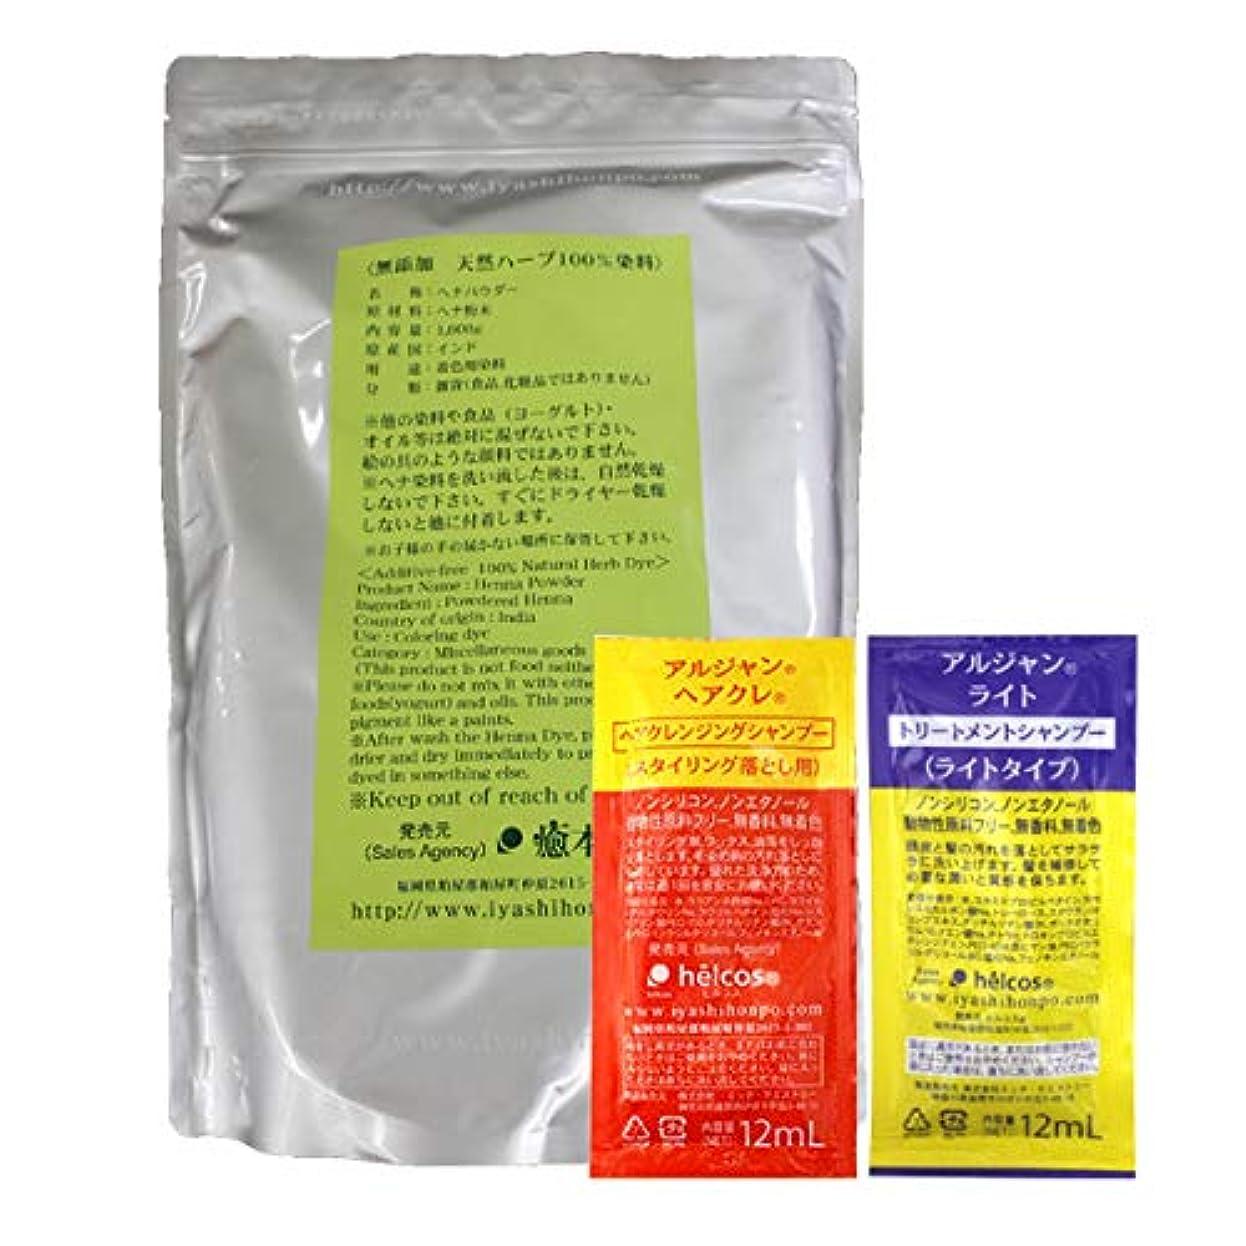 含める曖昧な冷蔵する白髪染め ヘナ(天然染料100%) 1,000g + シャンプー2種セット 癒本舗(ブラウン)